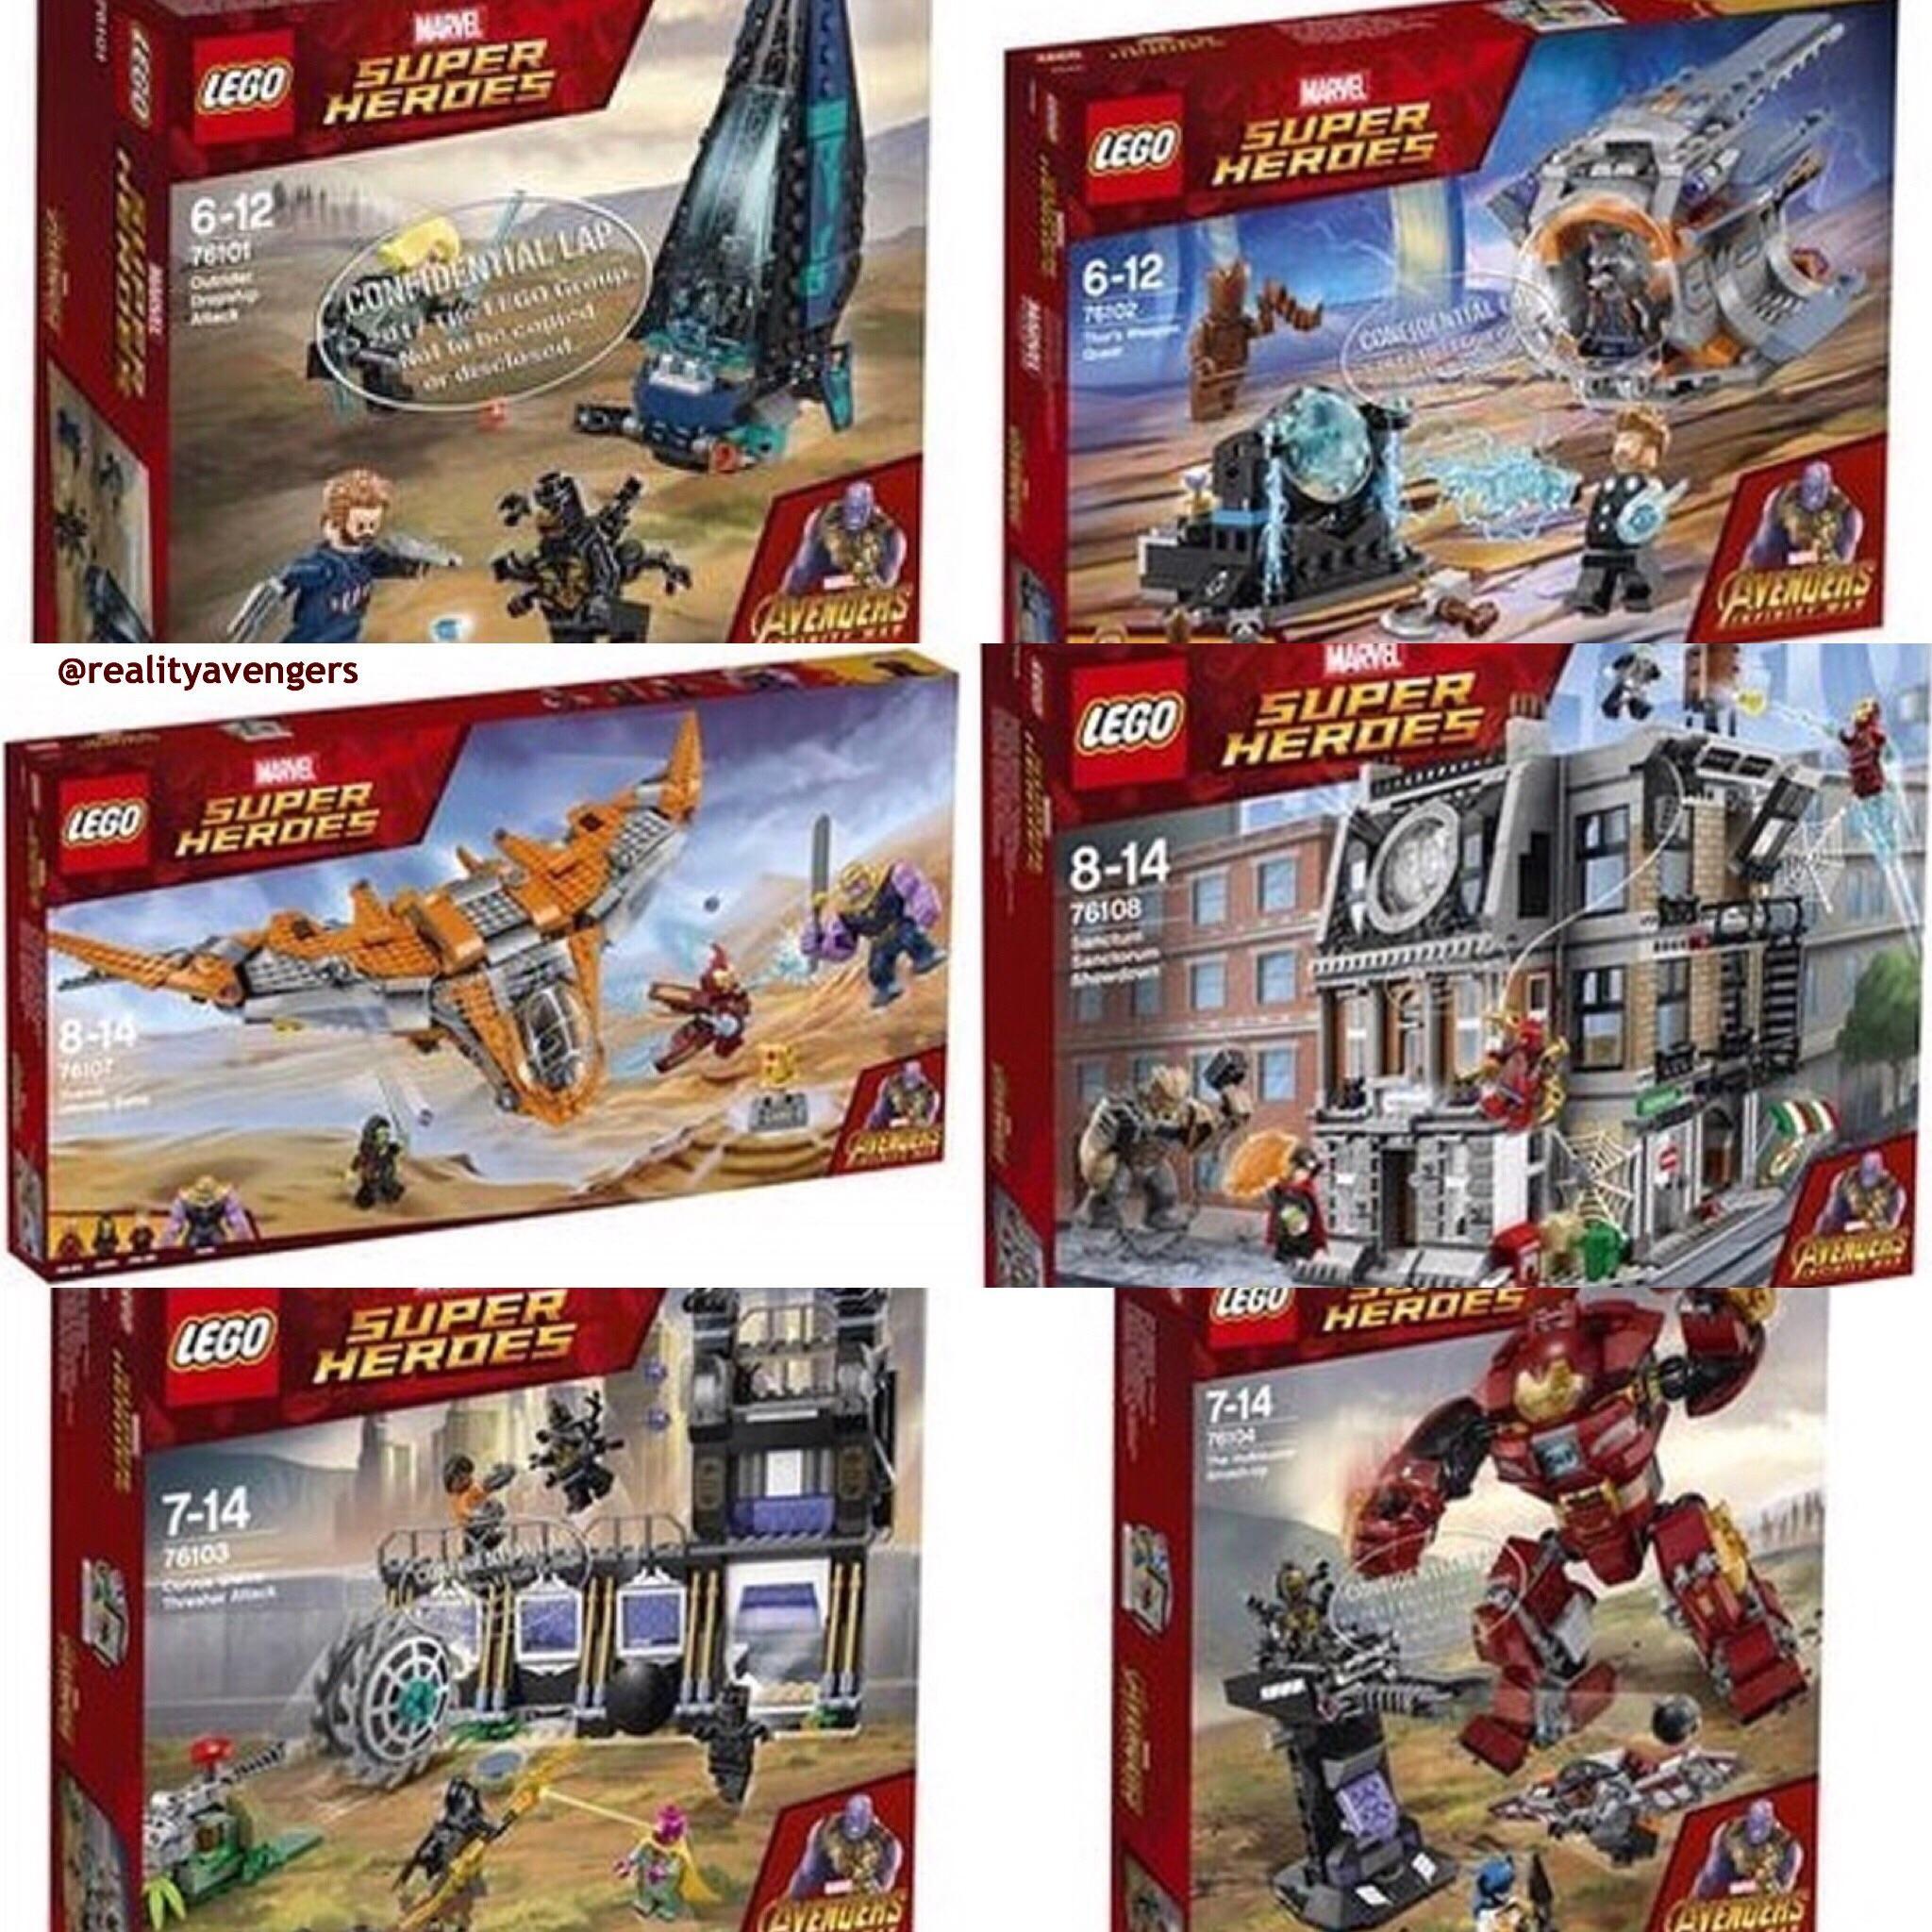 New Avengers Infinity War Lego Sets Photo Lego Marvel S Avengers Lego Sets Lego